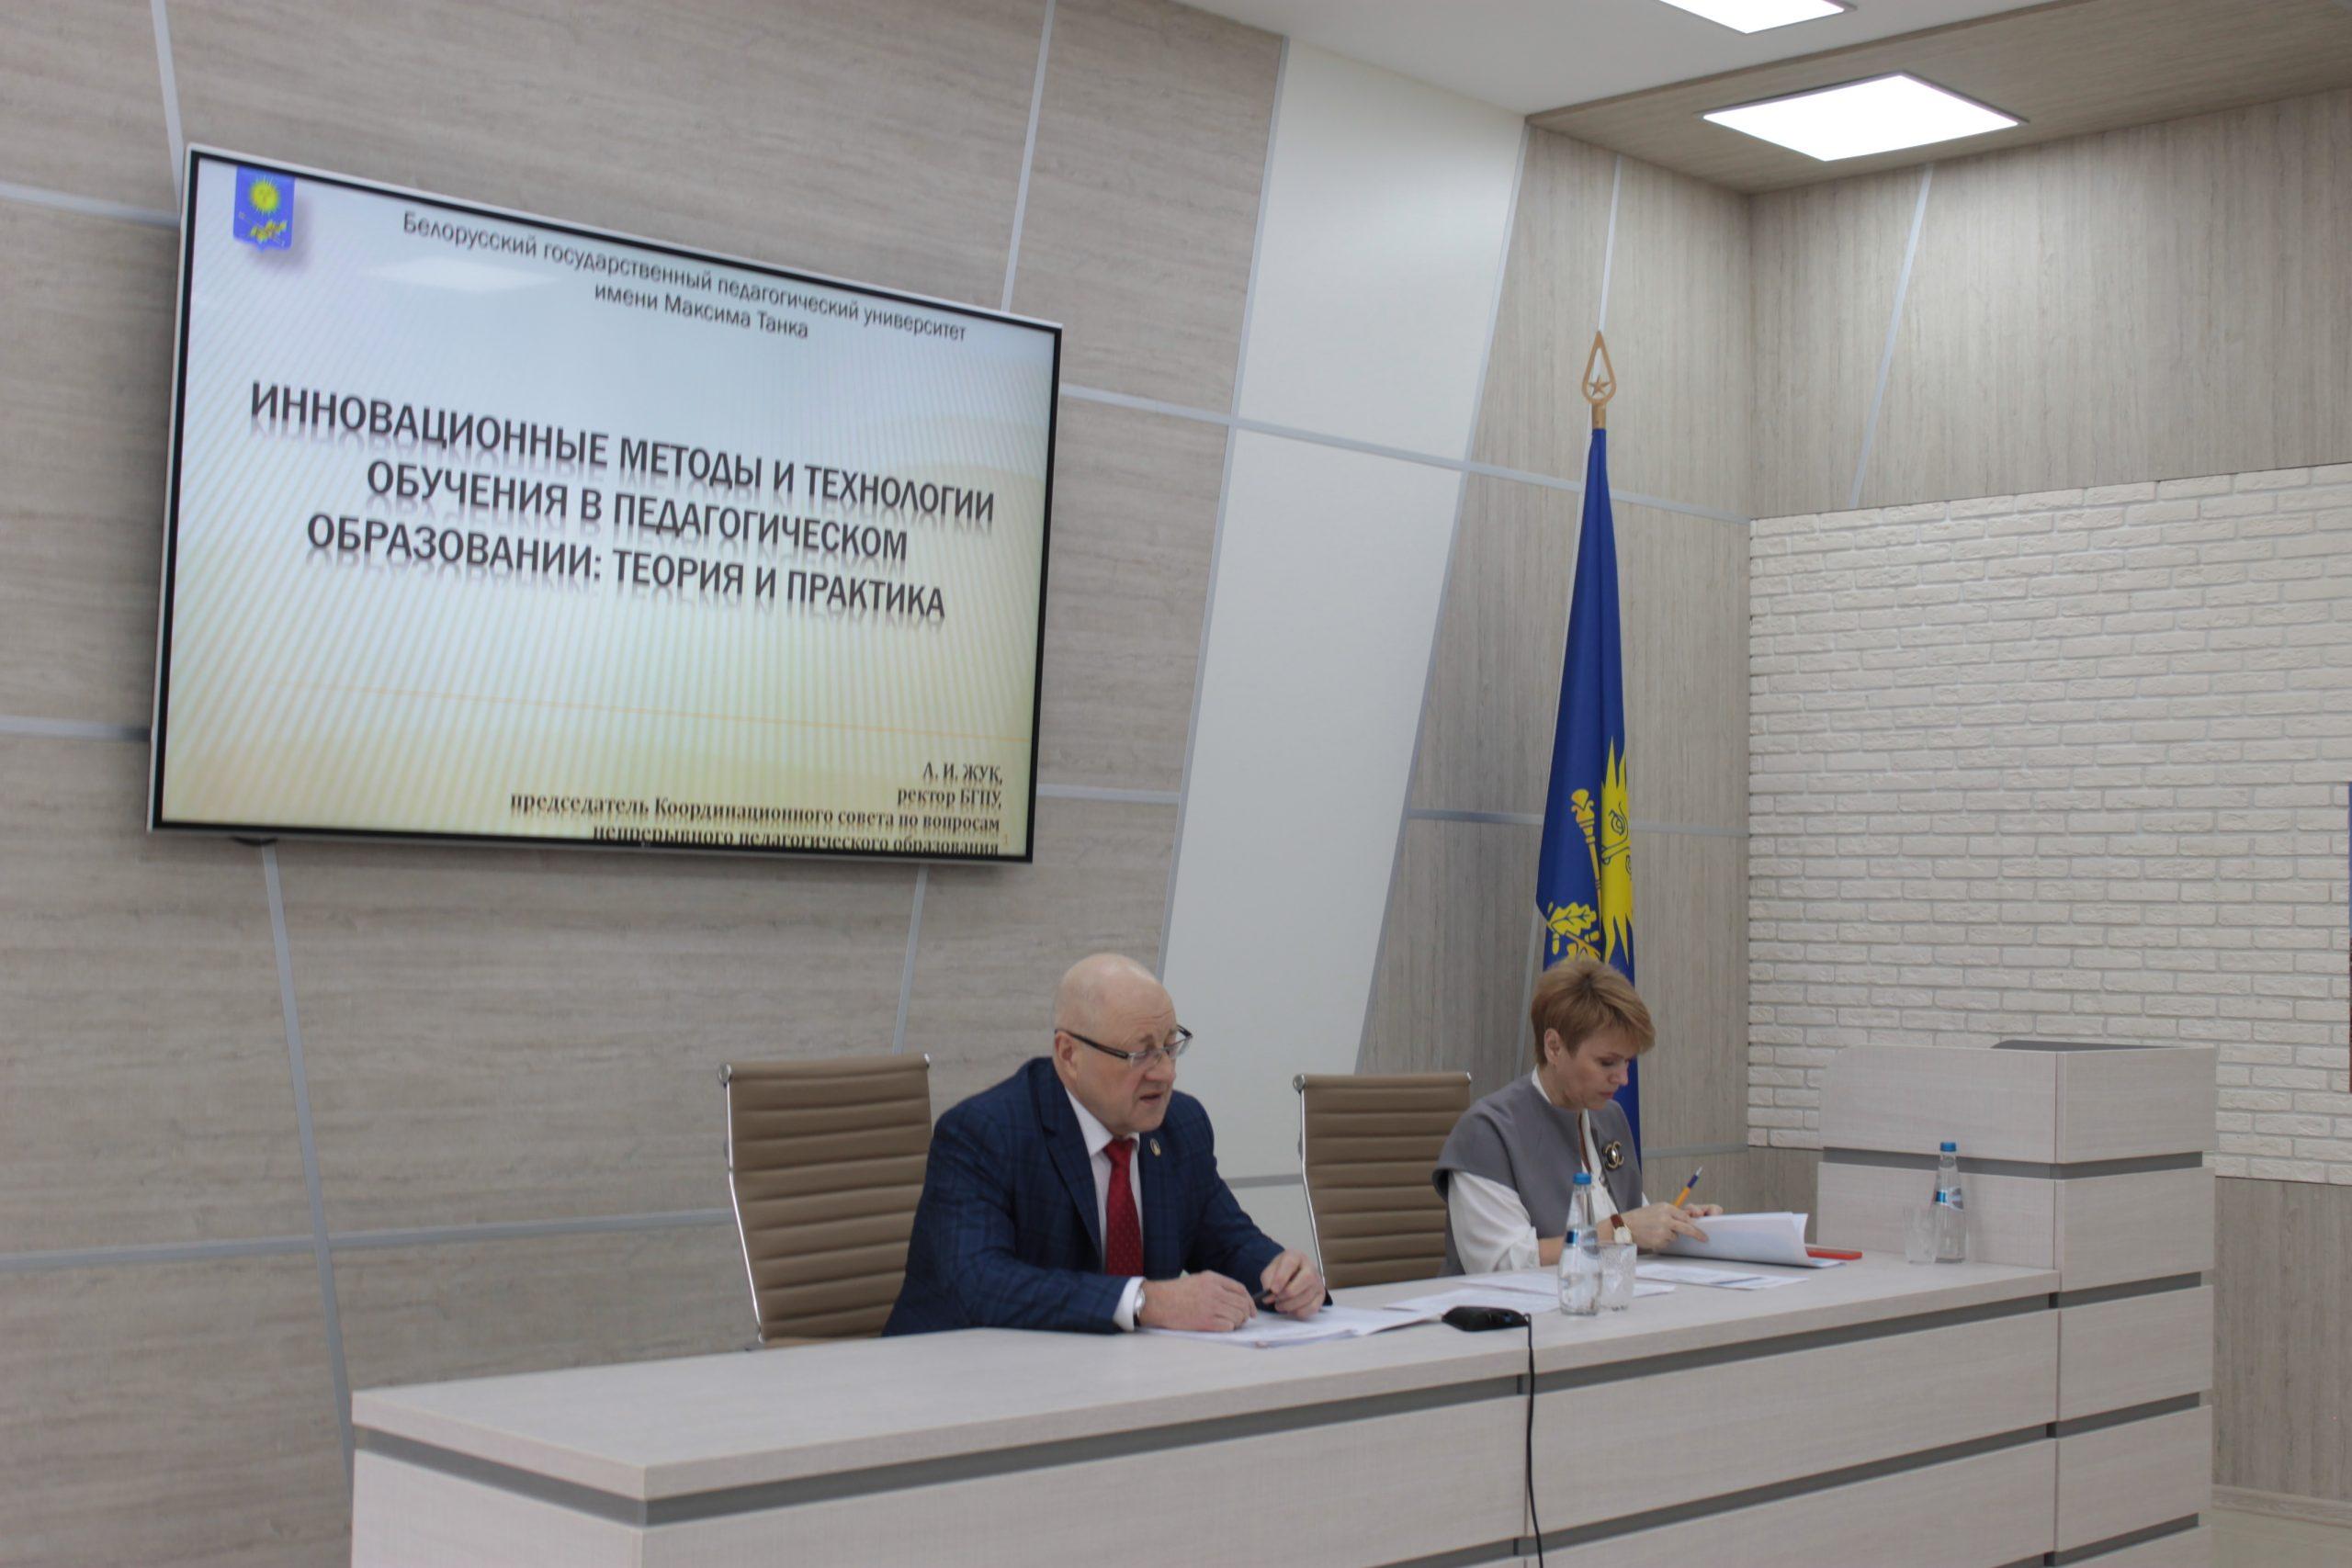 14 марта 2019 года состоялось расширенное заседание Координационного совета по вопросам непрерывного педагогического образования